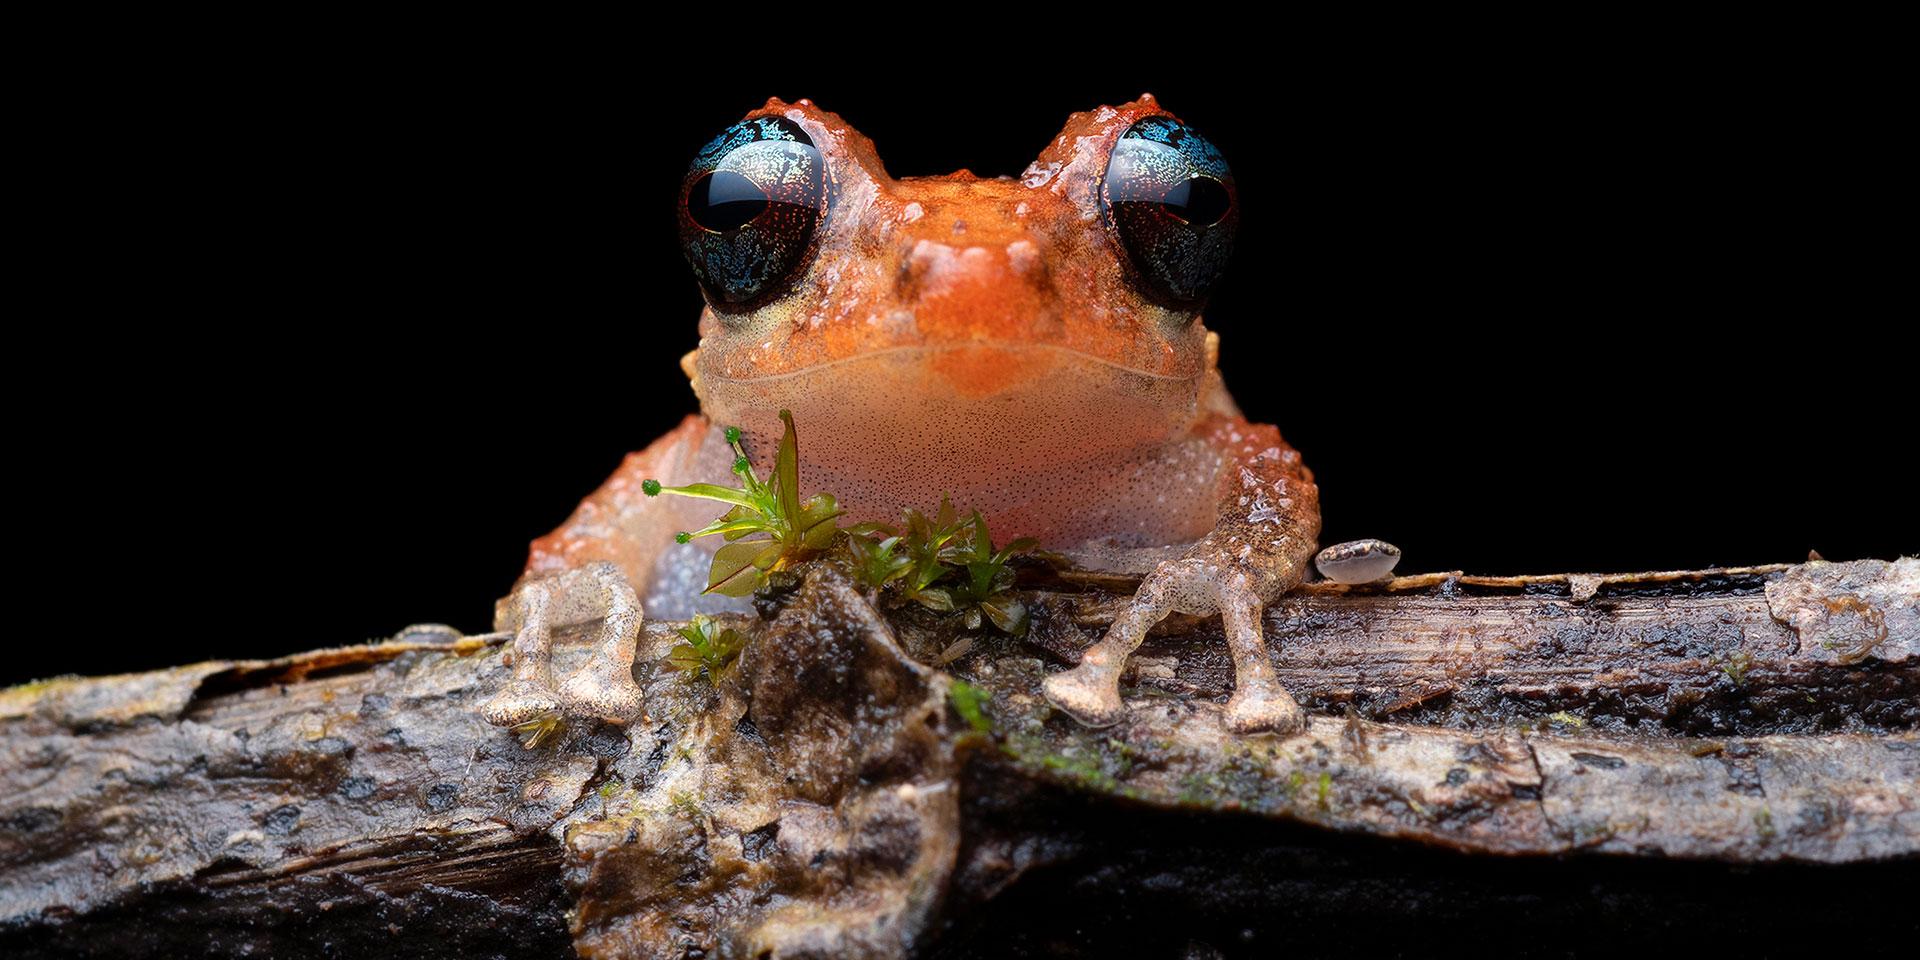 Neoselva-Pristimantis-calcarulatus-Ecuador-Portrait-Herping-Website